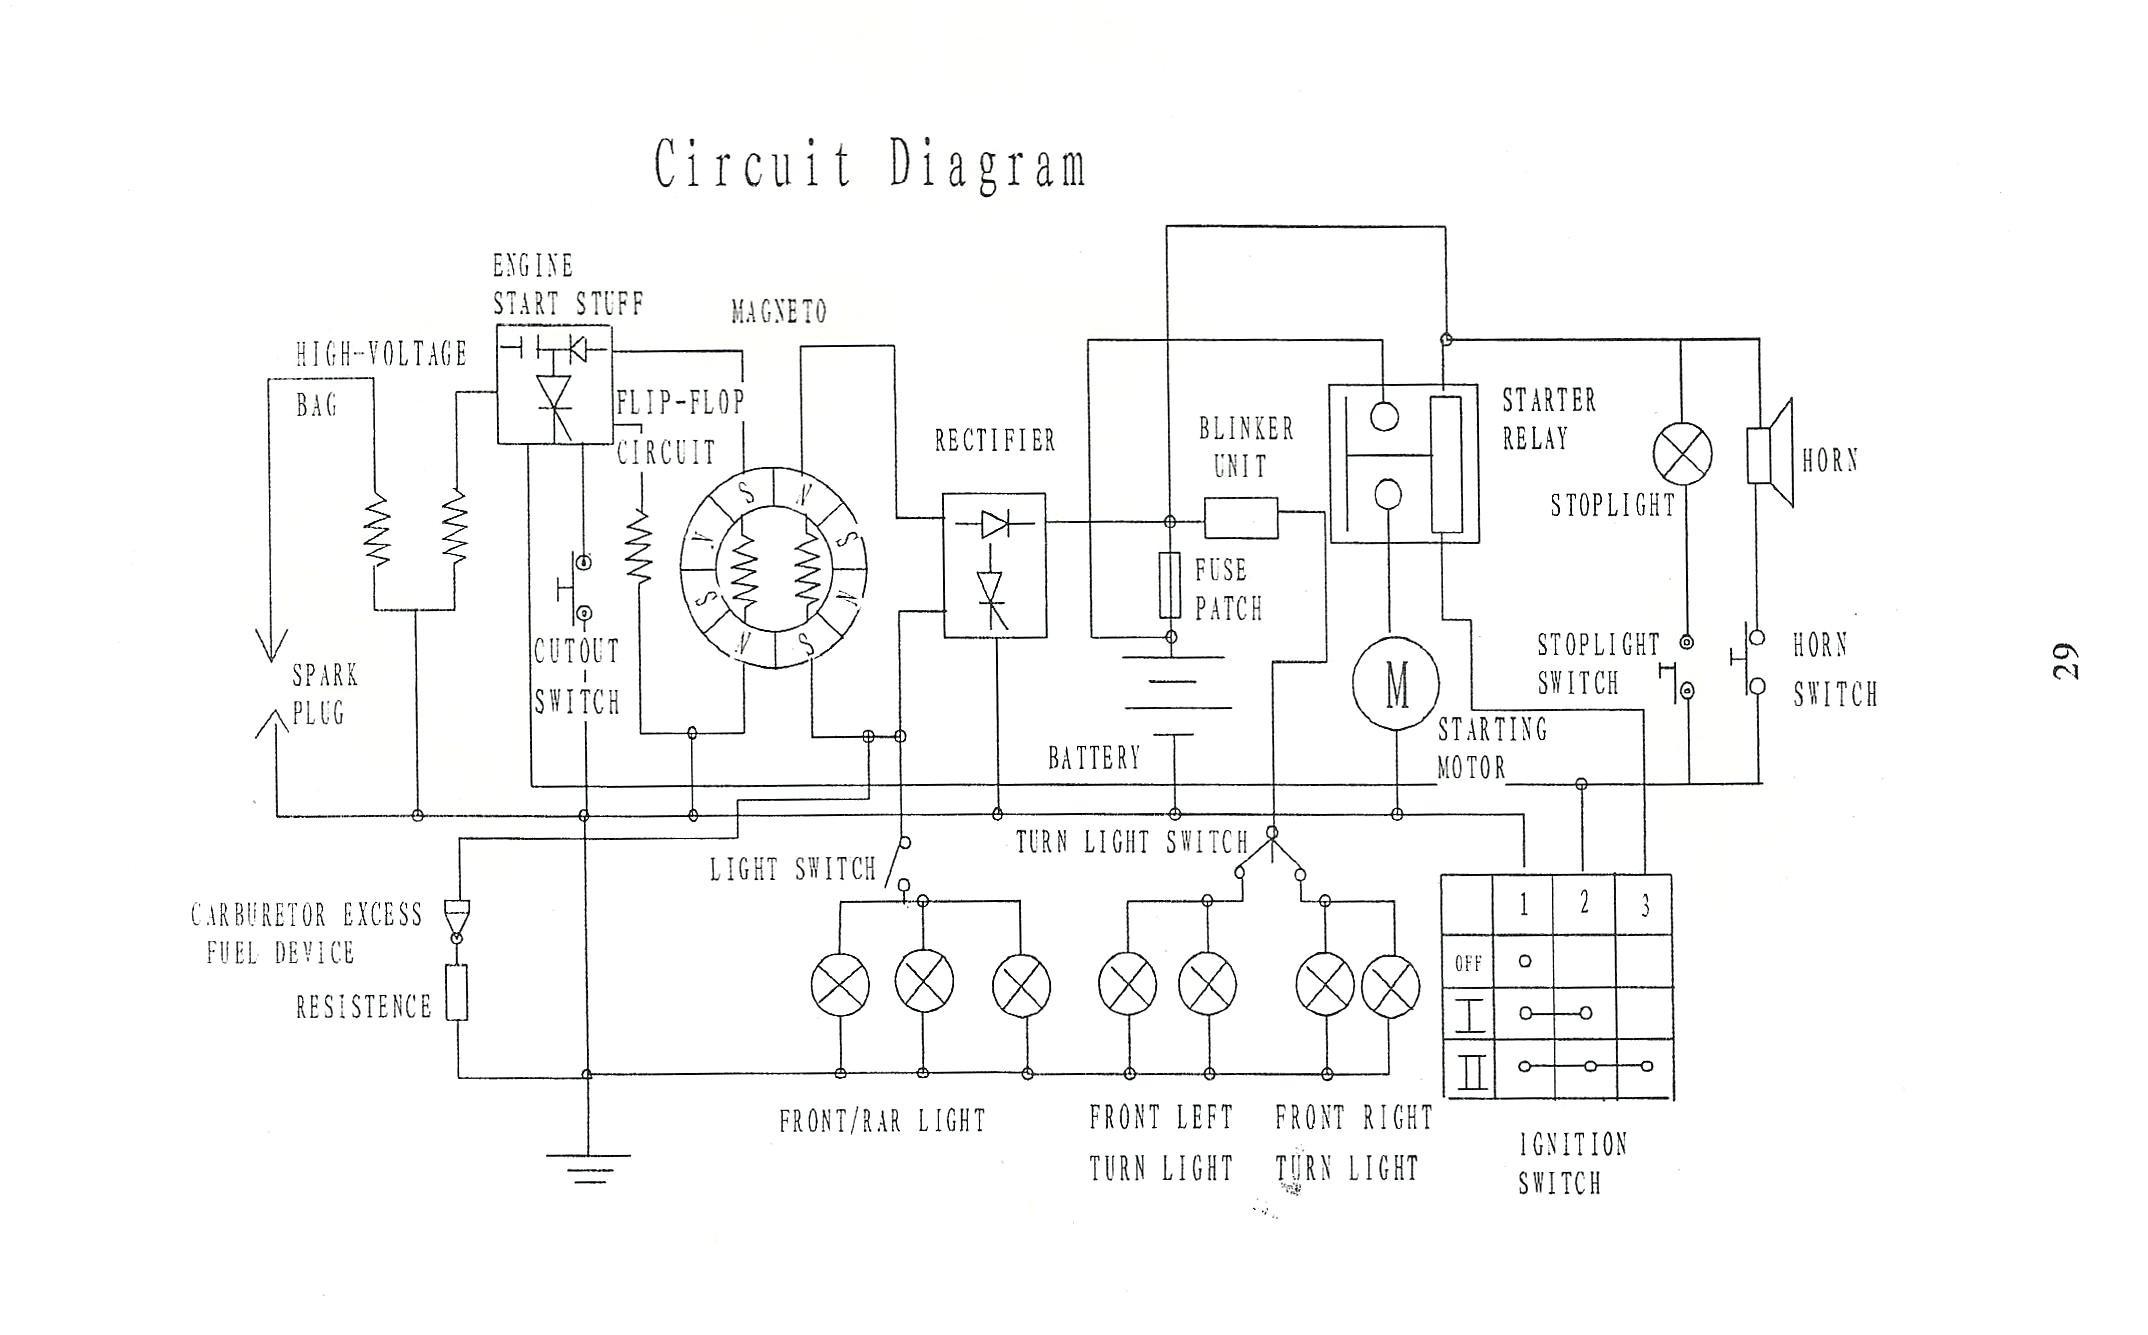 150cc Go Kart Wiring Diagram | Wiring Schematic Diagram ... on